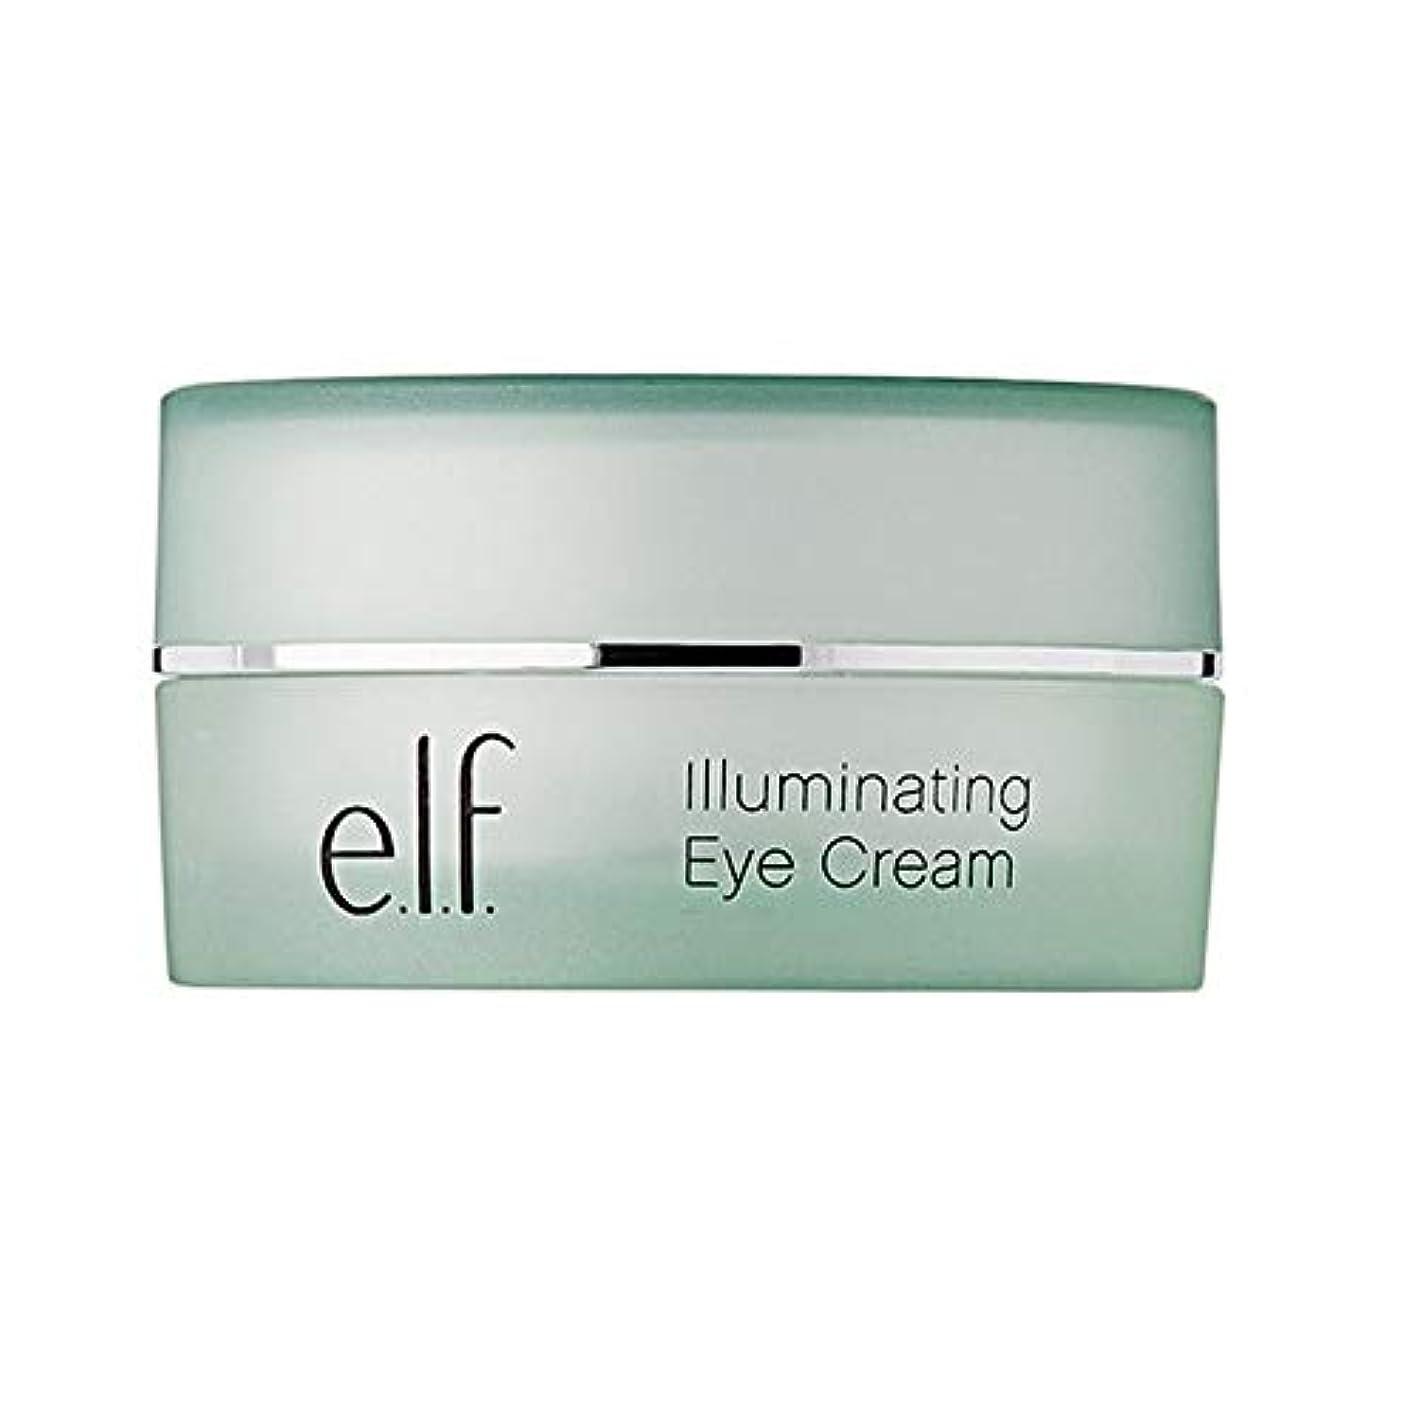 弱まる物理学者スパイラル[Elf] エルフ。照明アイクリーム14グラム - e.l.f. Illuminating Eye Cream 14g [並行輸入品]